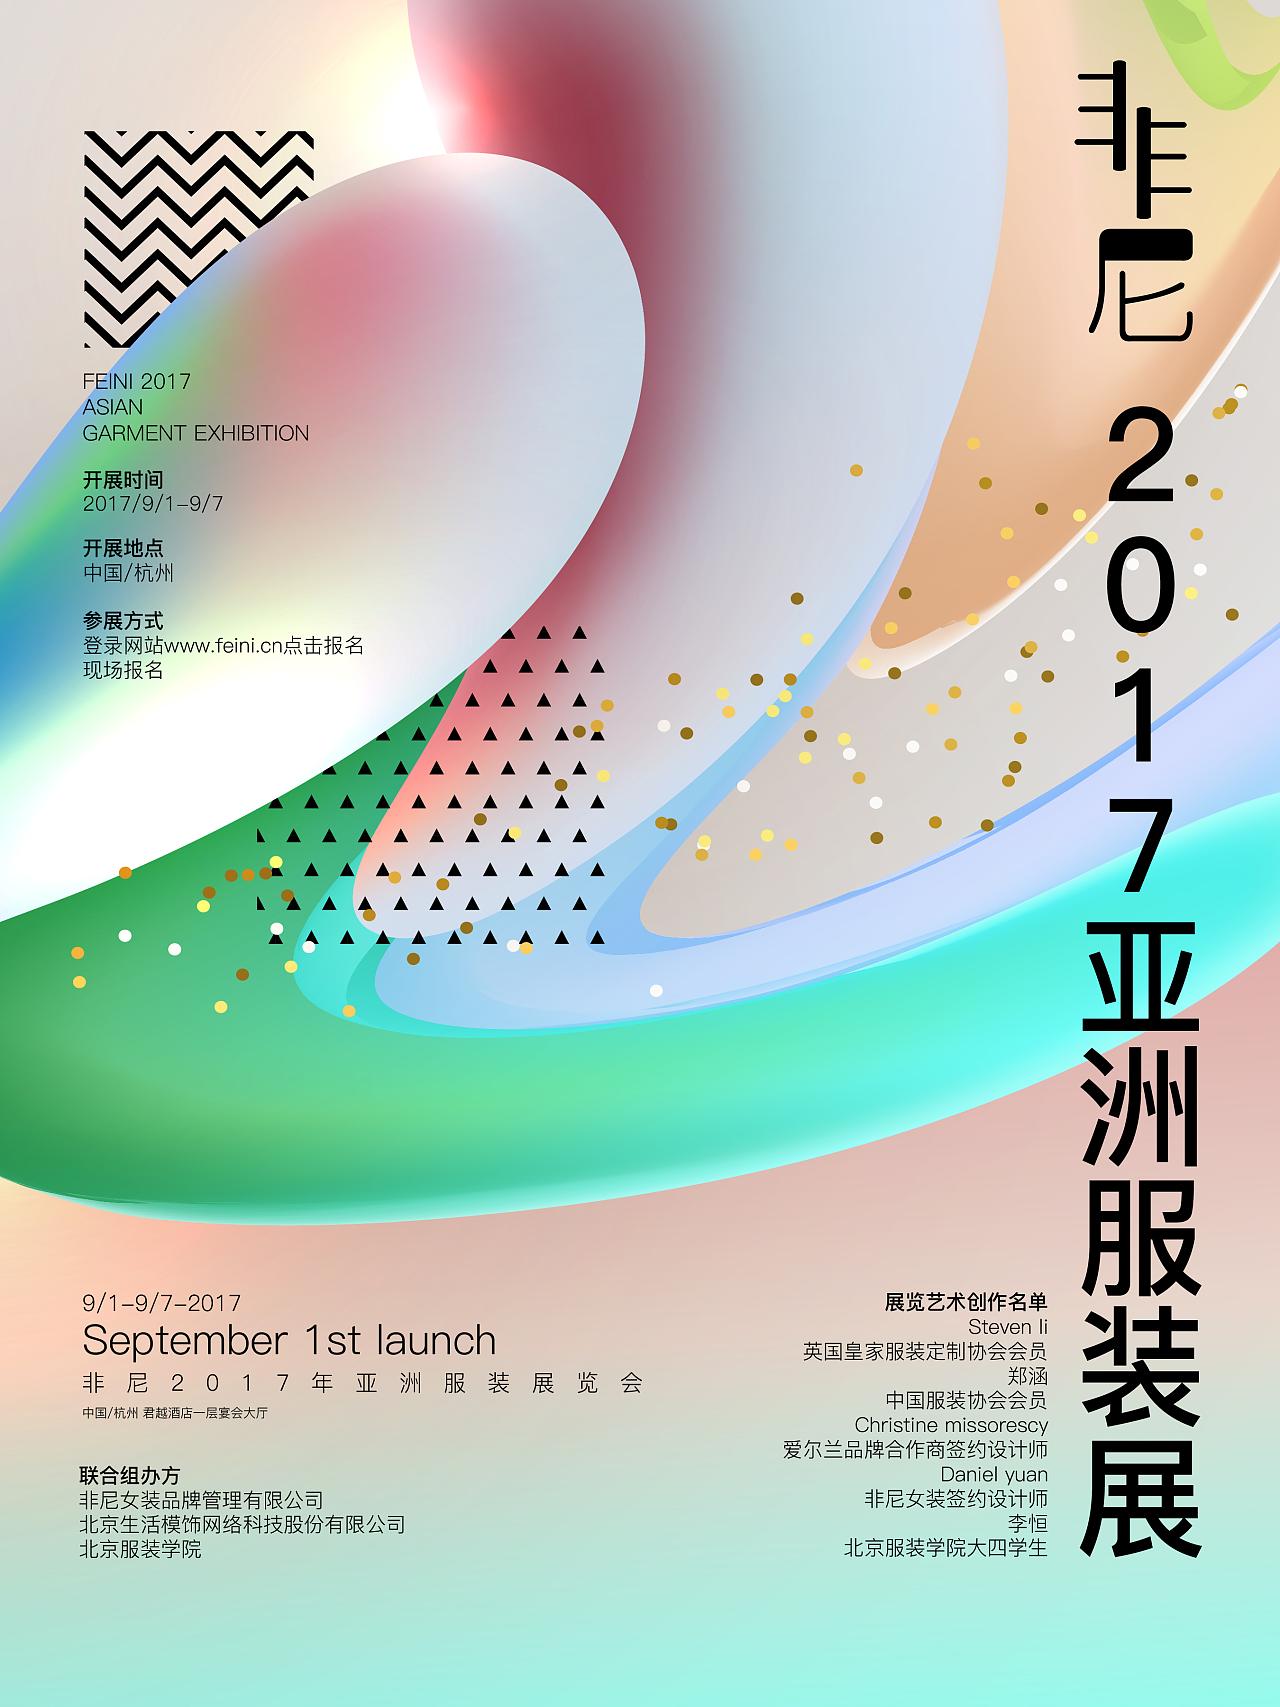 非尼2017亚洲服装展览海报设计图片